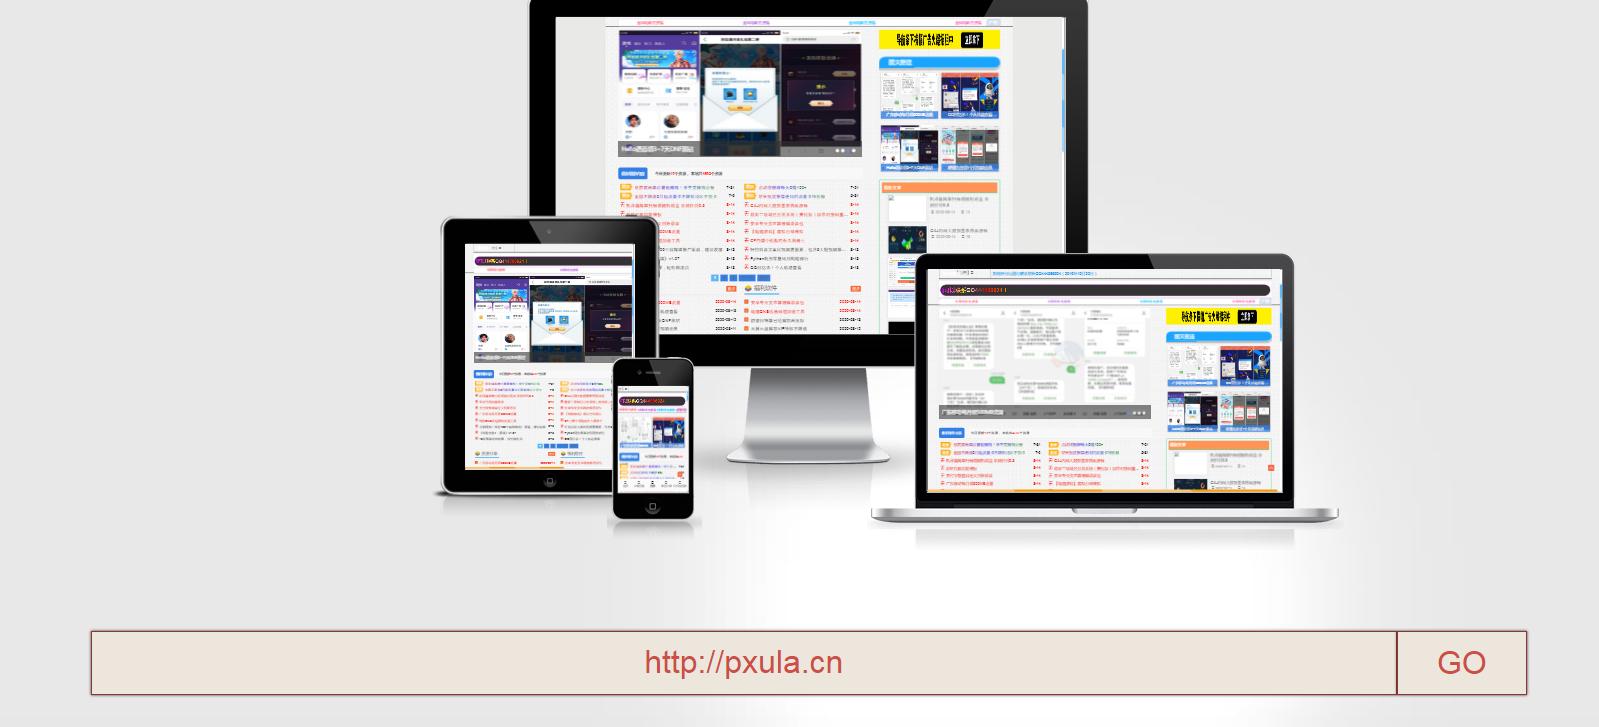 网站三合一缩略图片介绍源码开源可自定义增加广告位